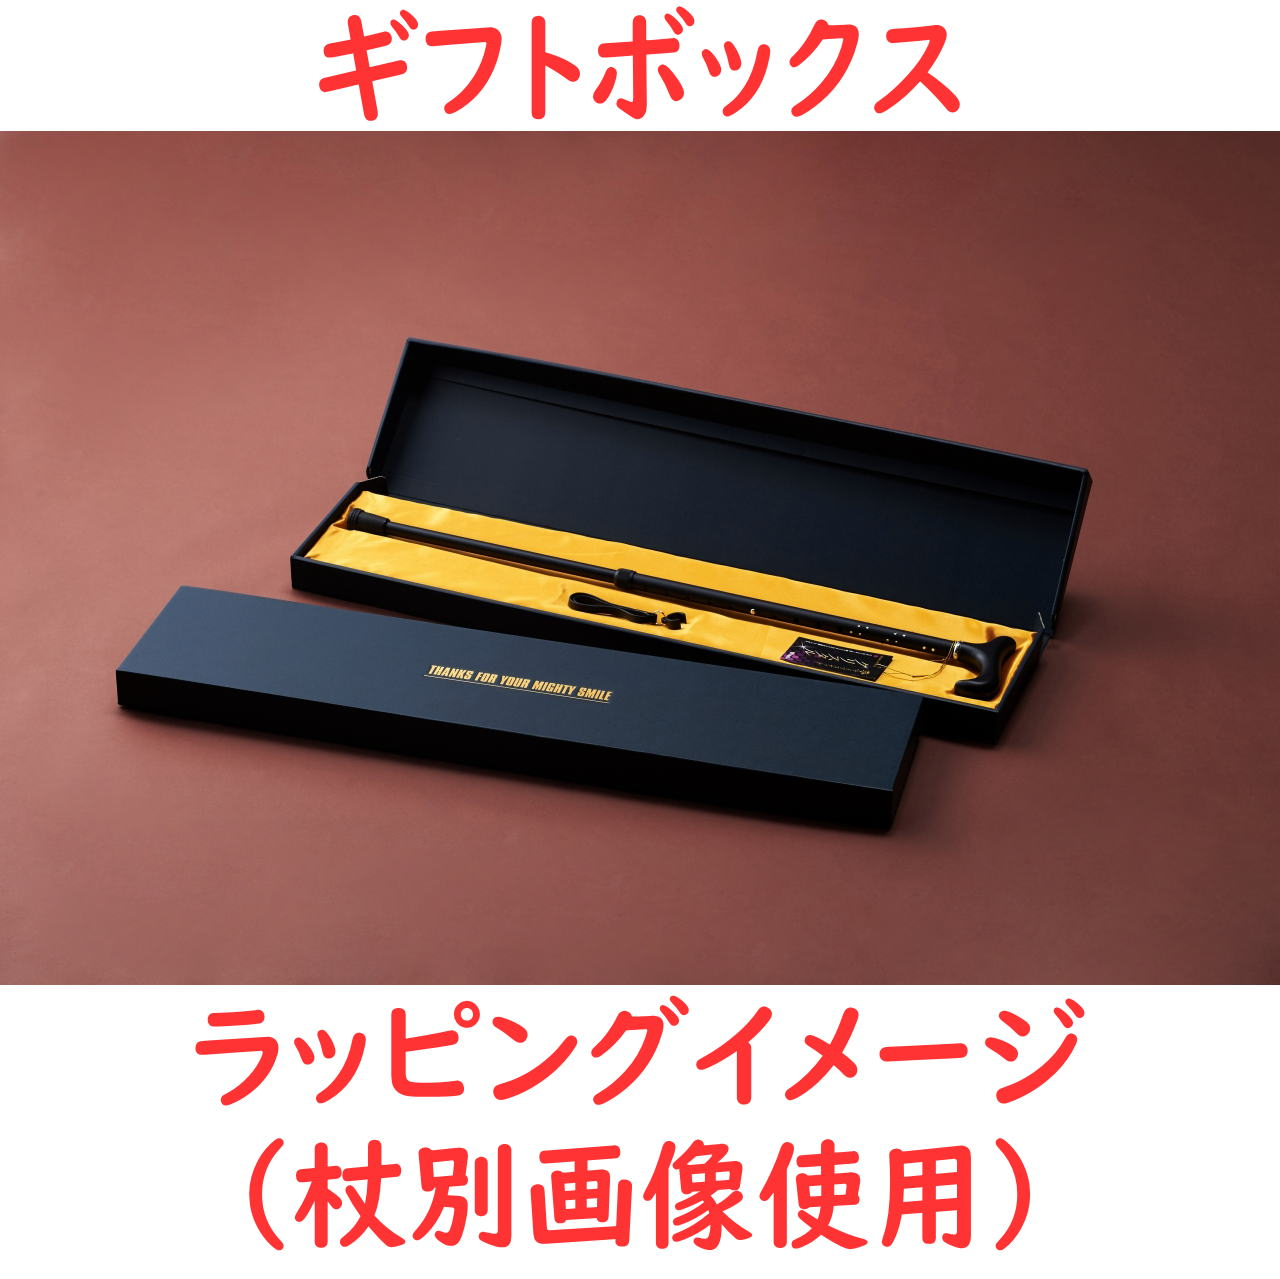 ☆ギフトボックス可☆ 夢ライフステッキ ルミエ 4色より選べます